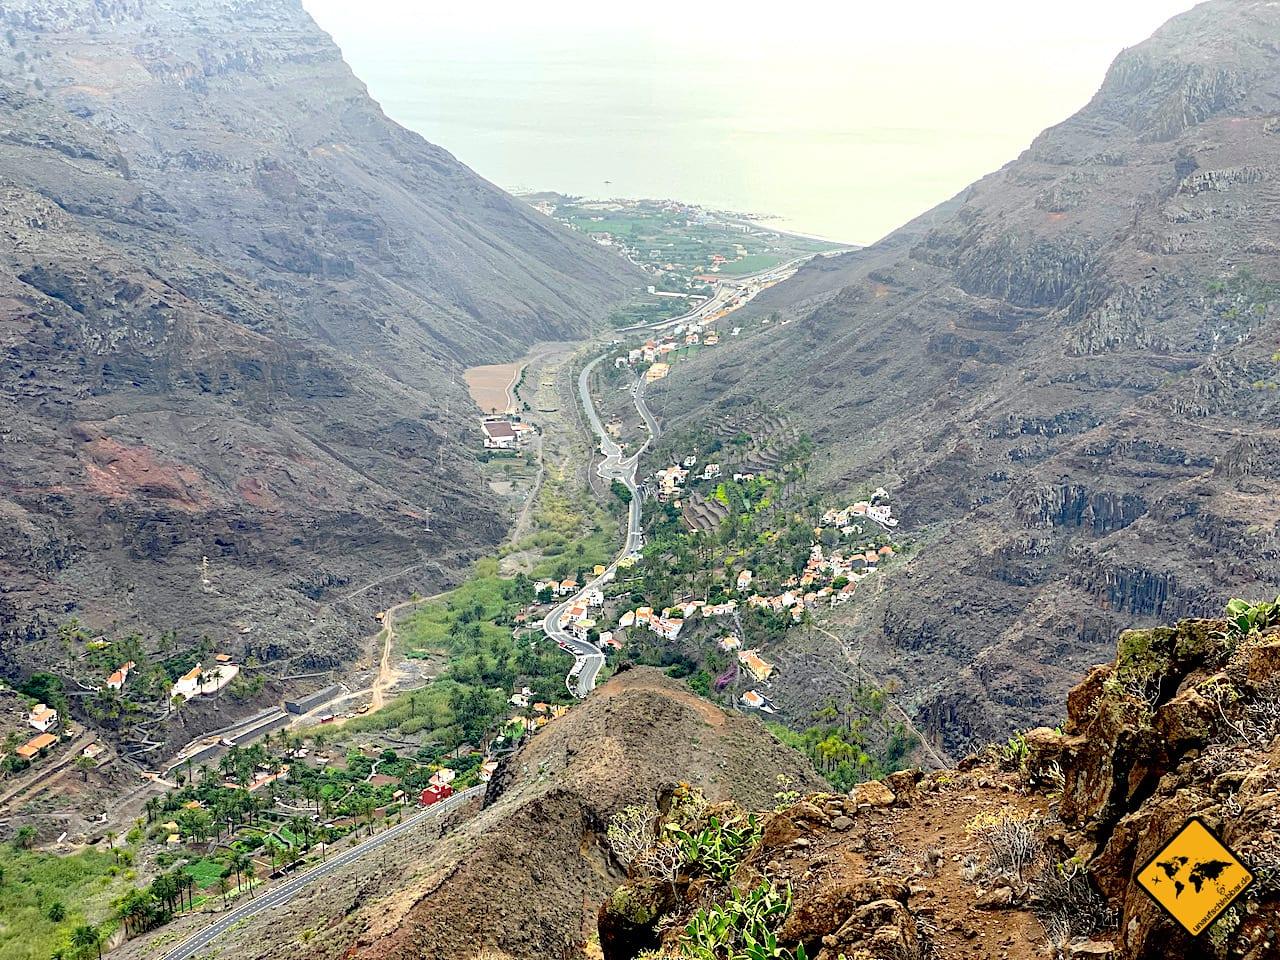 Ausblick Valle Gran Rey Mirador de la Curva del Queso